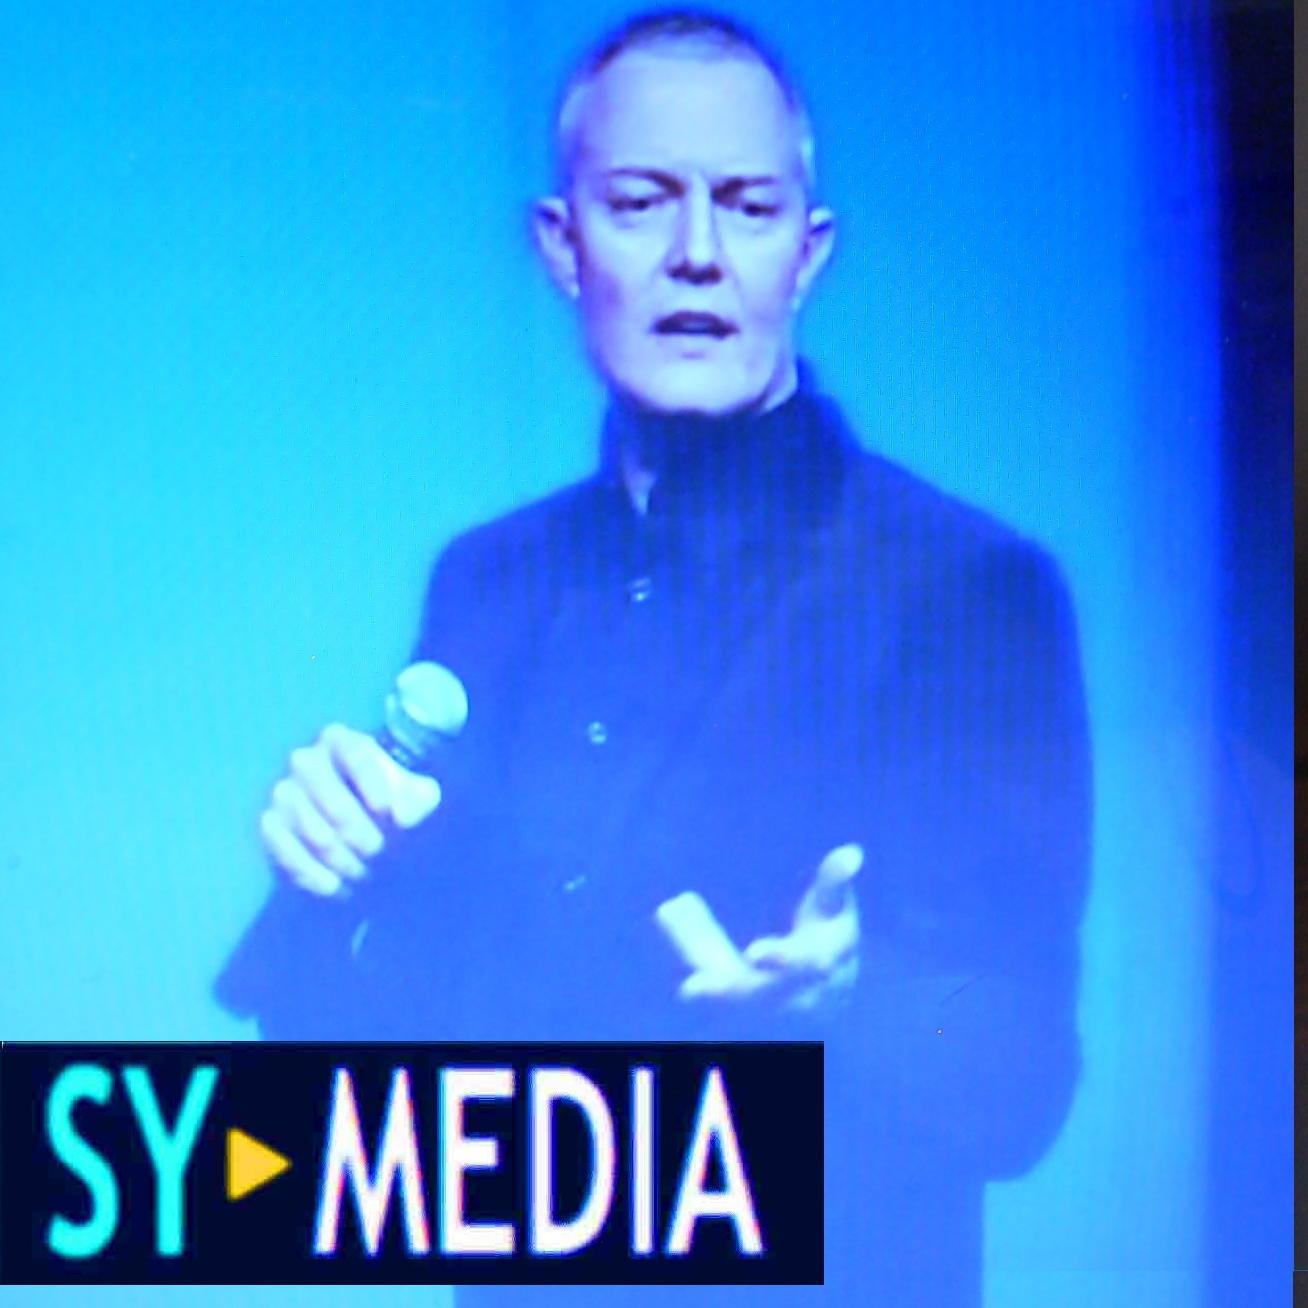 Sy Media